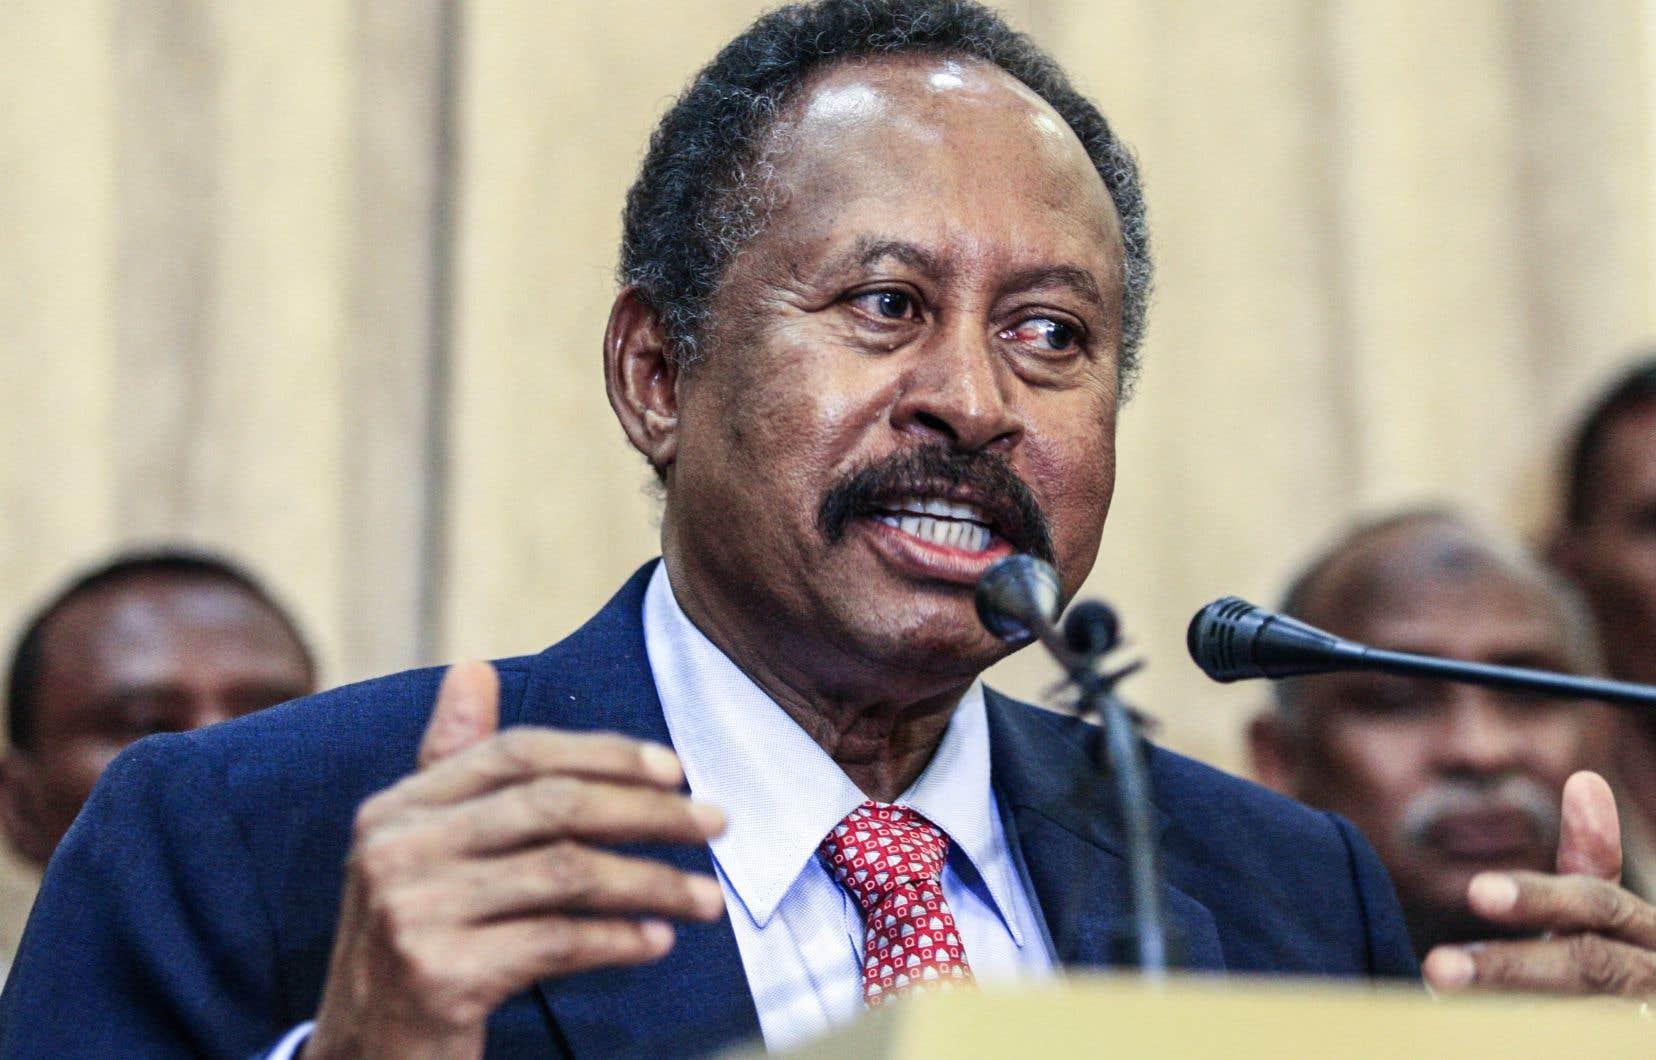 La réunion sera précédée lundi d'une conférence de soutien à la transition au Soudan. Le premier ministre soudanais, Abdallah Hamdok, avait indiqué dans un récent entretien avec l'Agence France-Presse vouloir discuter à cette occasion d'une «remise de dette avec le Club de Paris».